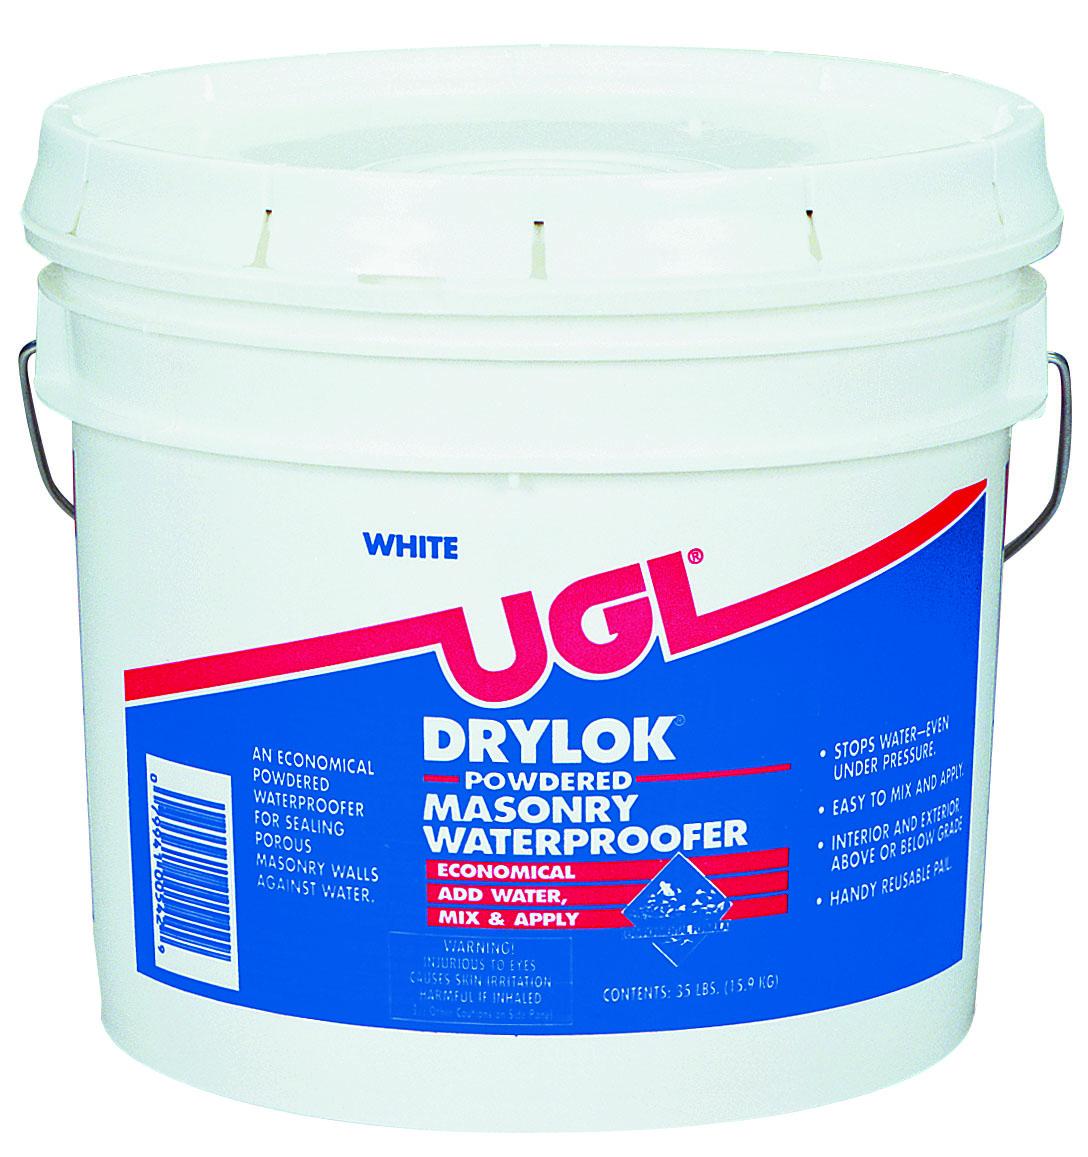 Drylok By Ugl